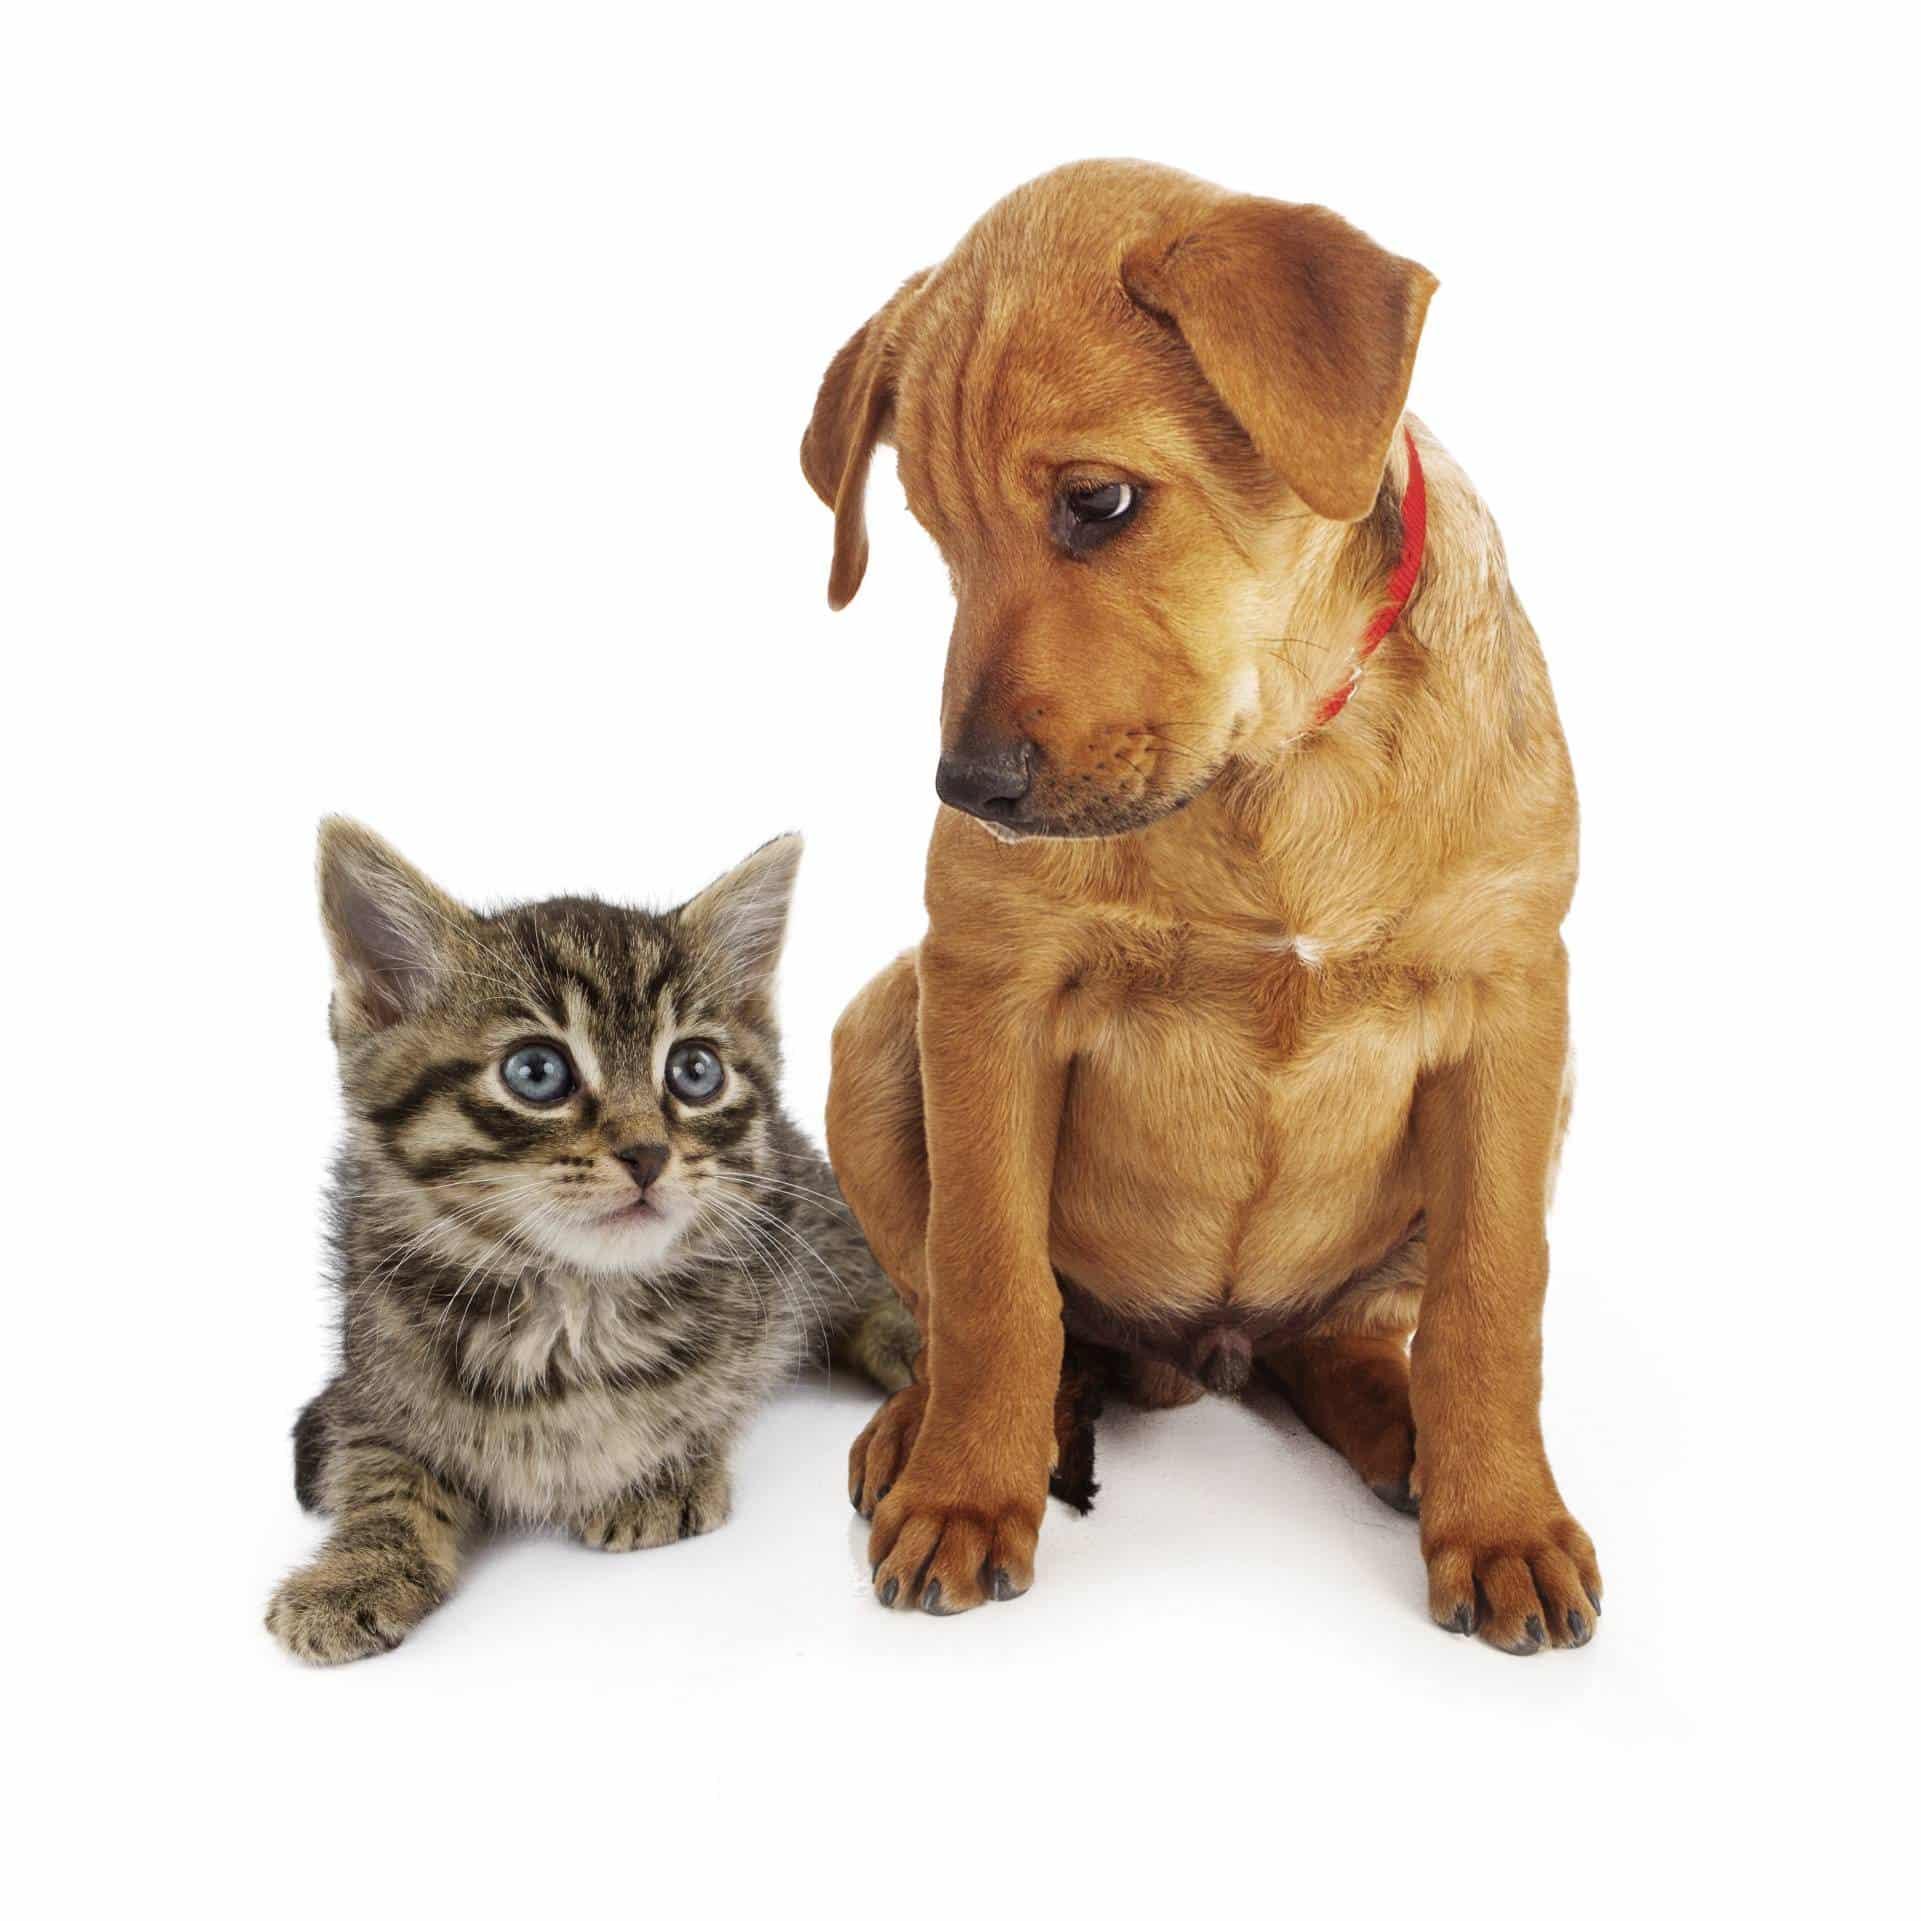 https://www.wikichat.fr/wp-content/uploads/sites/2/la-presentation-aux-autres-animaux-de-la-maison-2.jpg